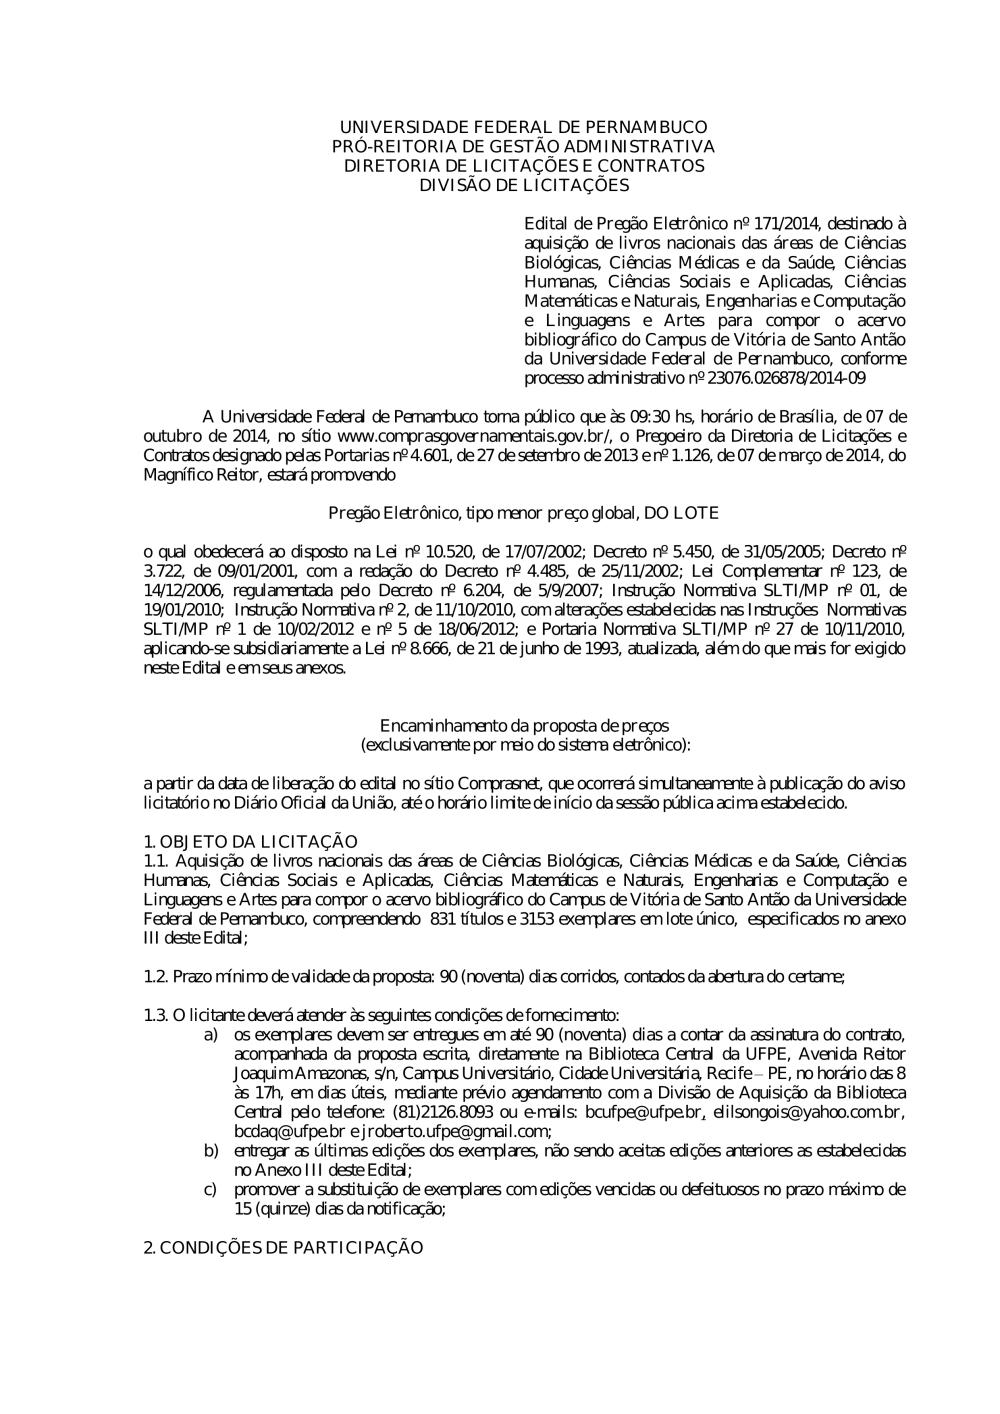 abd2a2dc42298 Pregão nº 171 2014.pdf - Editais do Pregão - UFPE